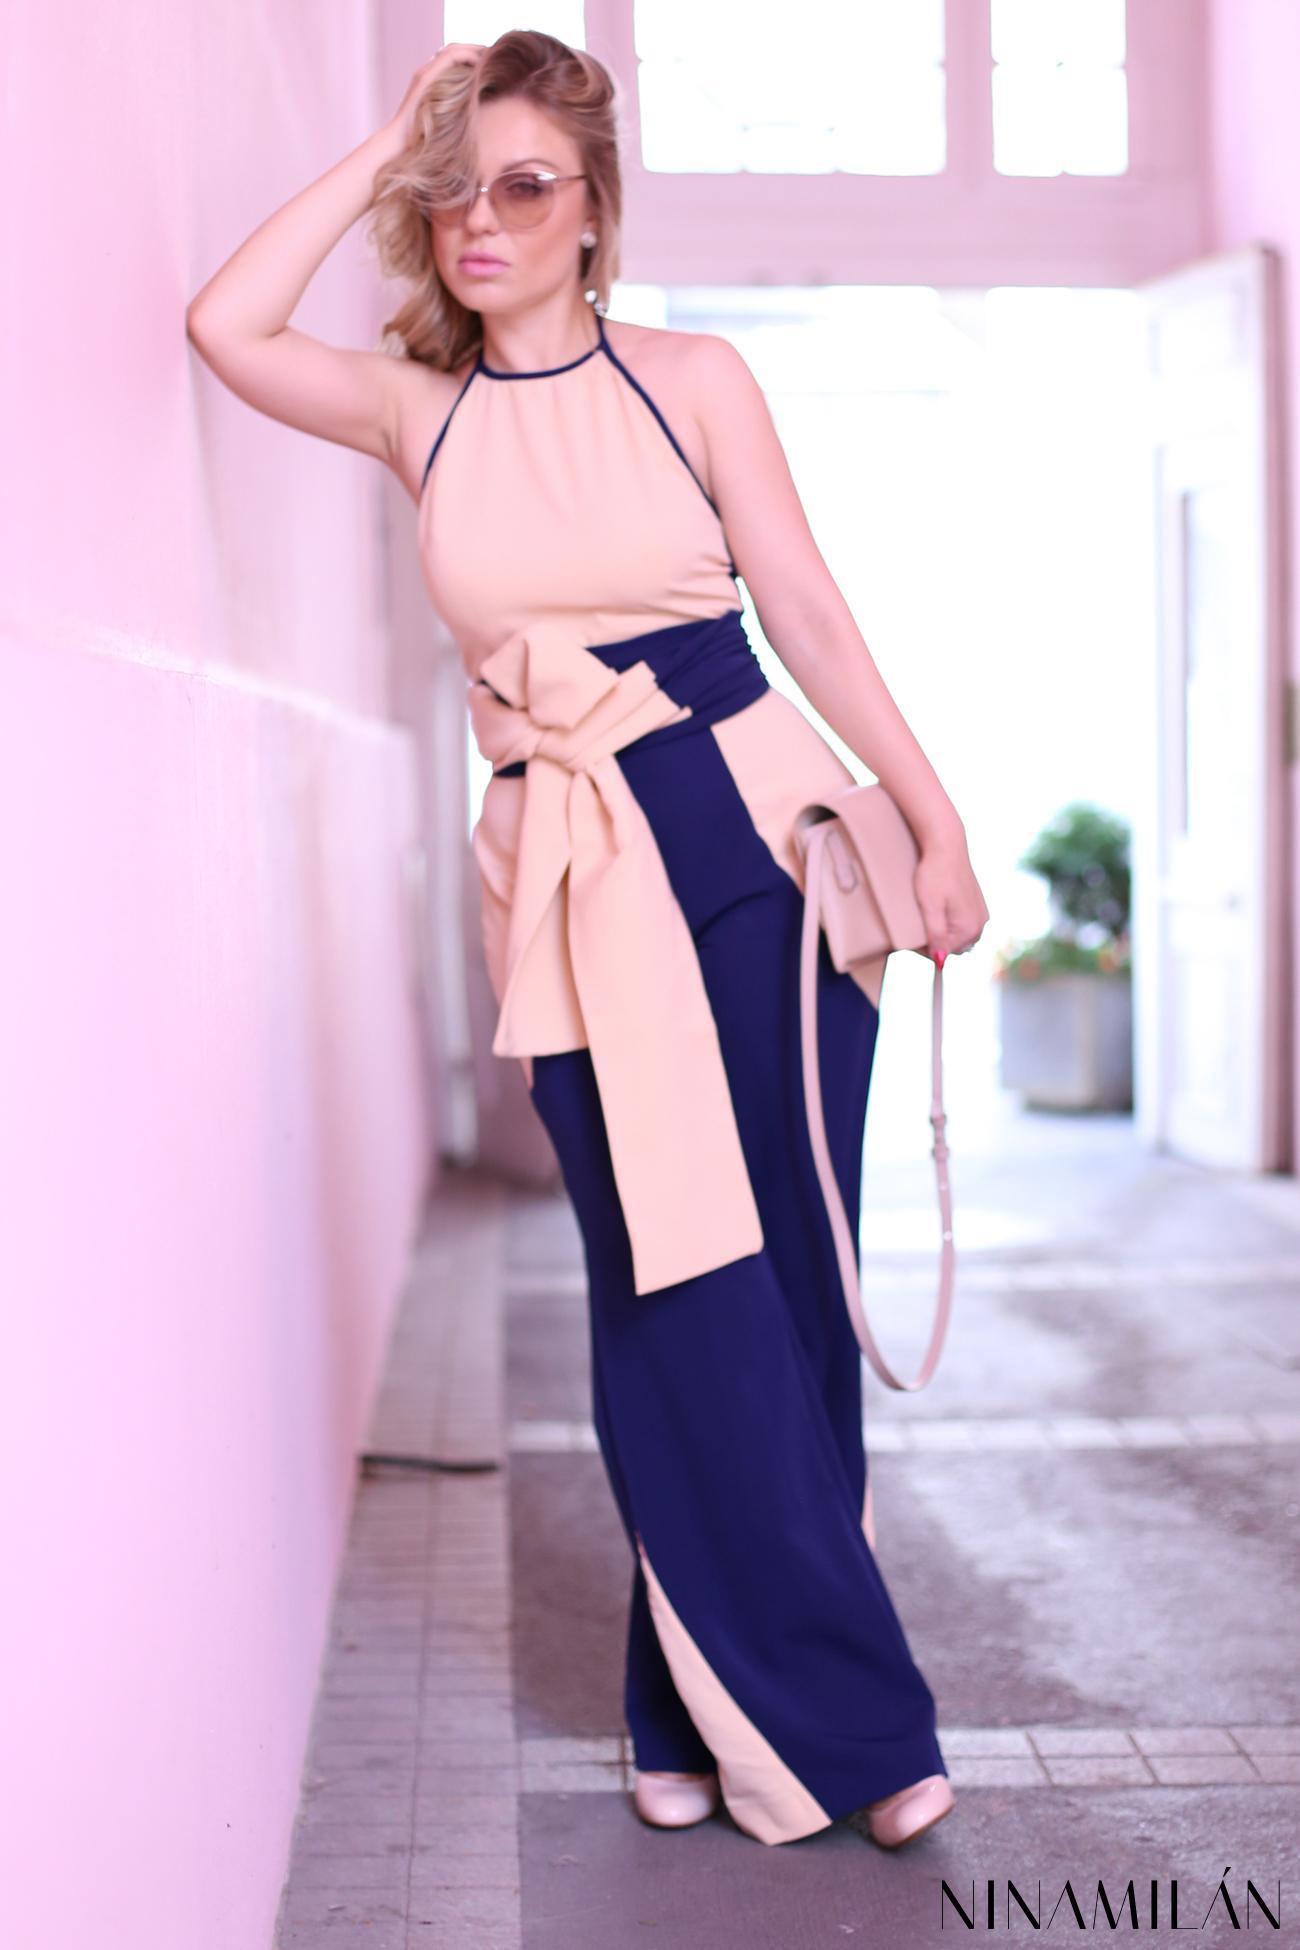 Nude Loves Blue Nina Milovic (2)